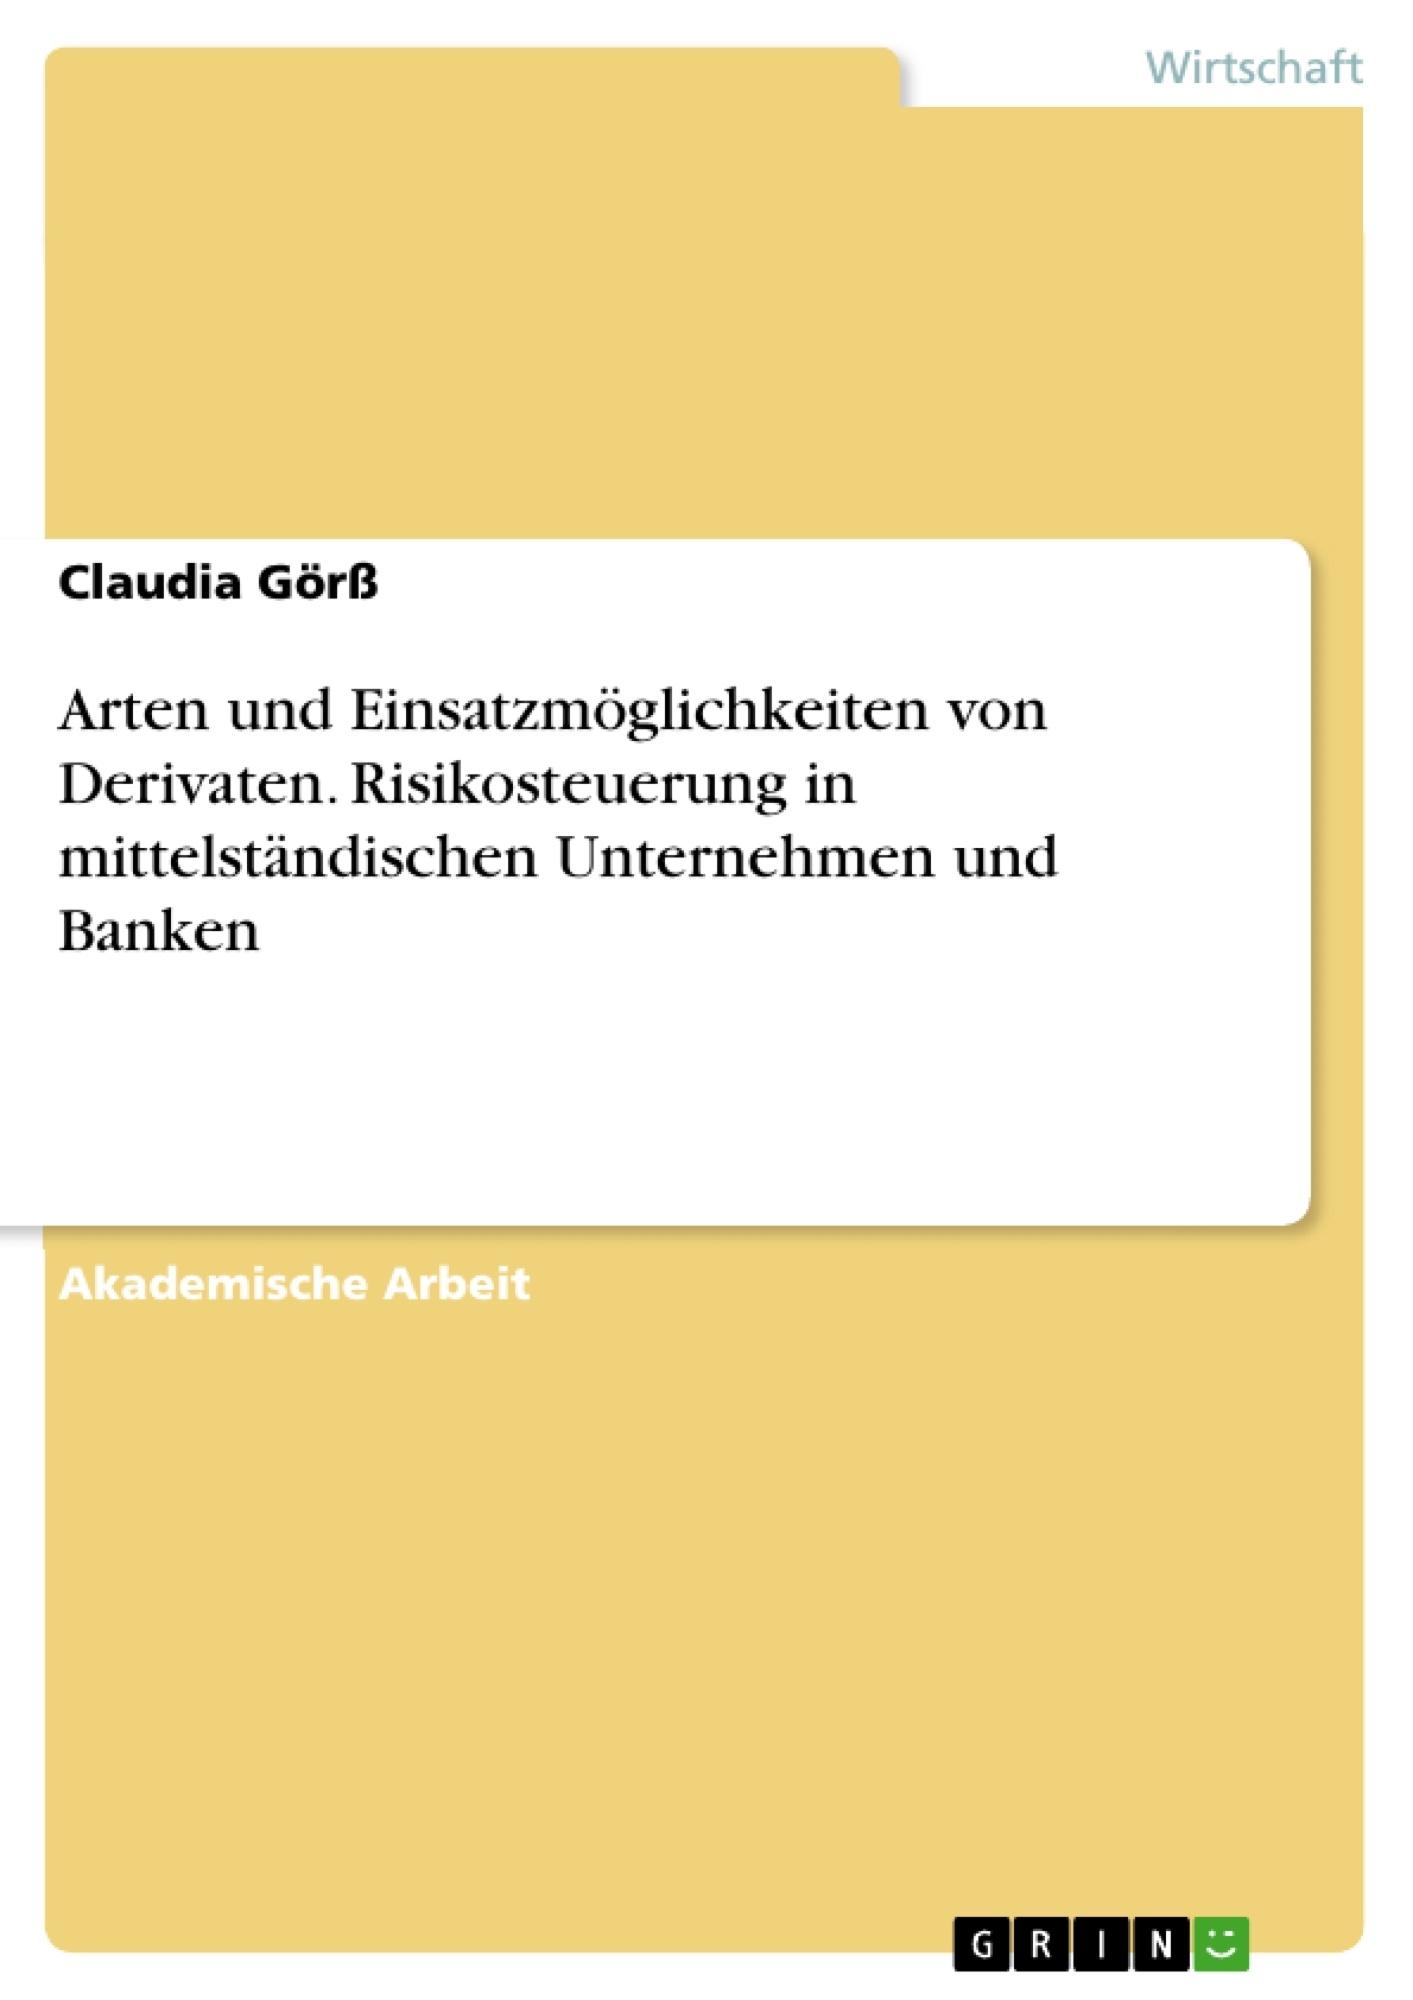 Titel: Arten und Einsatzmöglichkeiten von Derivaten. Risikosteuerung in mittelständischen Unternehmen und Banken